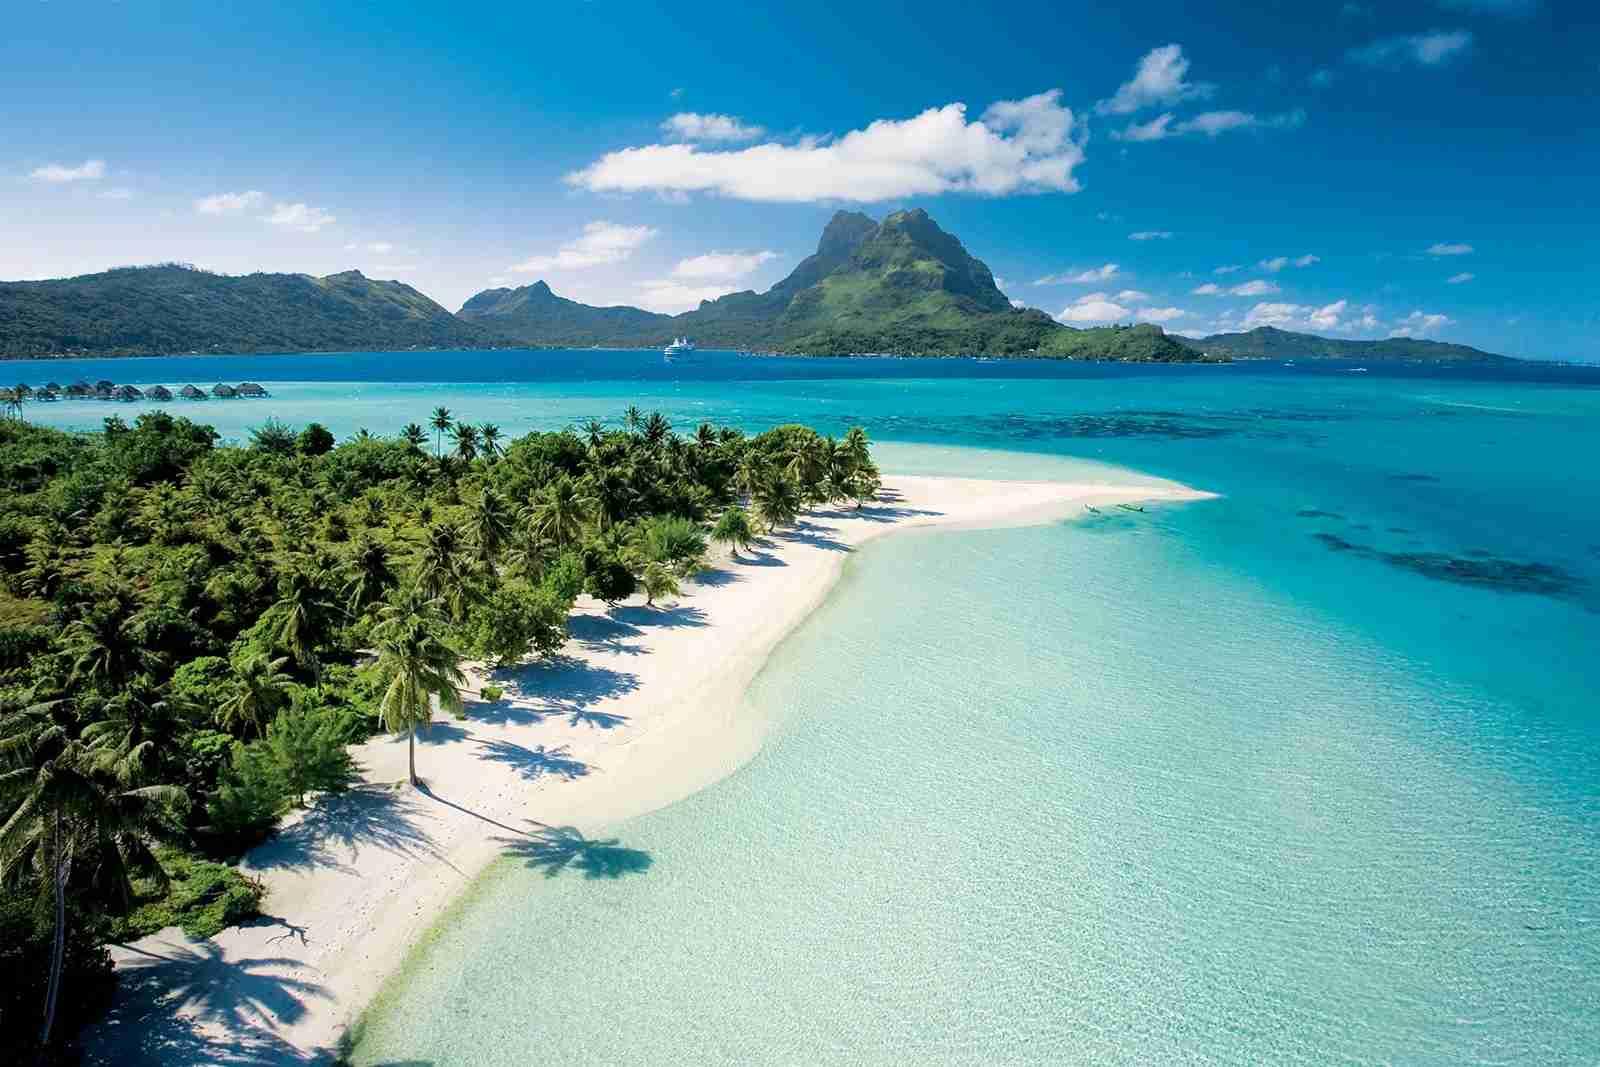 Bora Bora - Paul Gauguin Cruises private beach